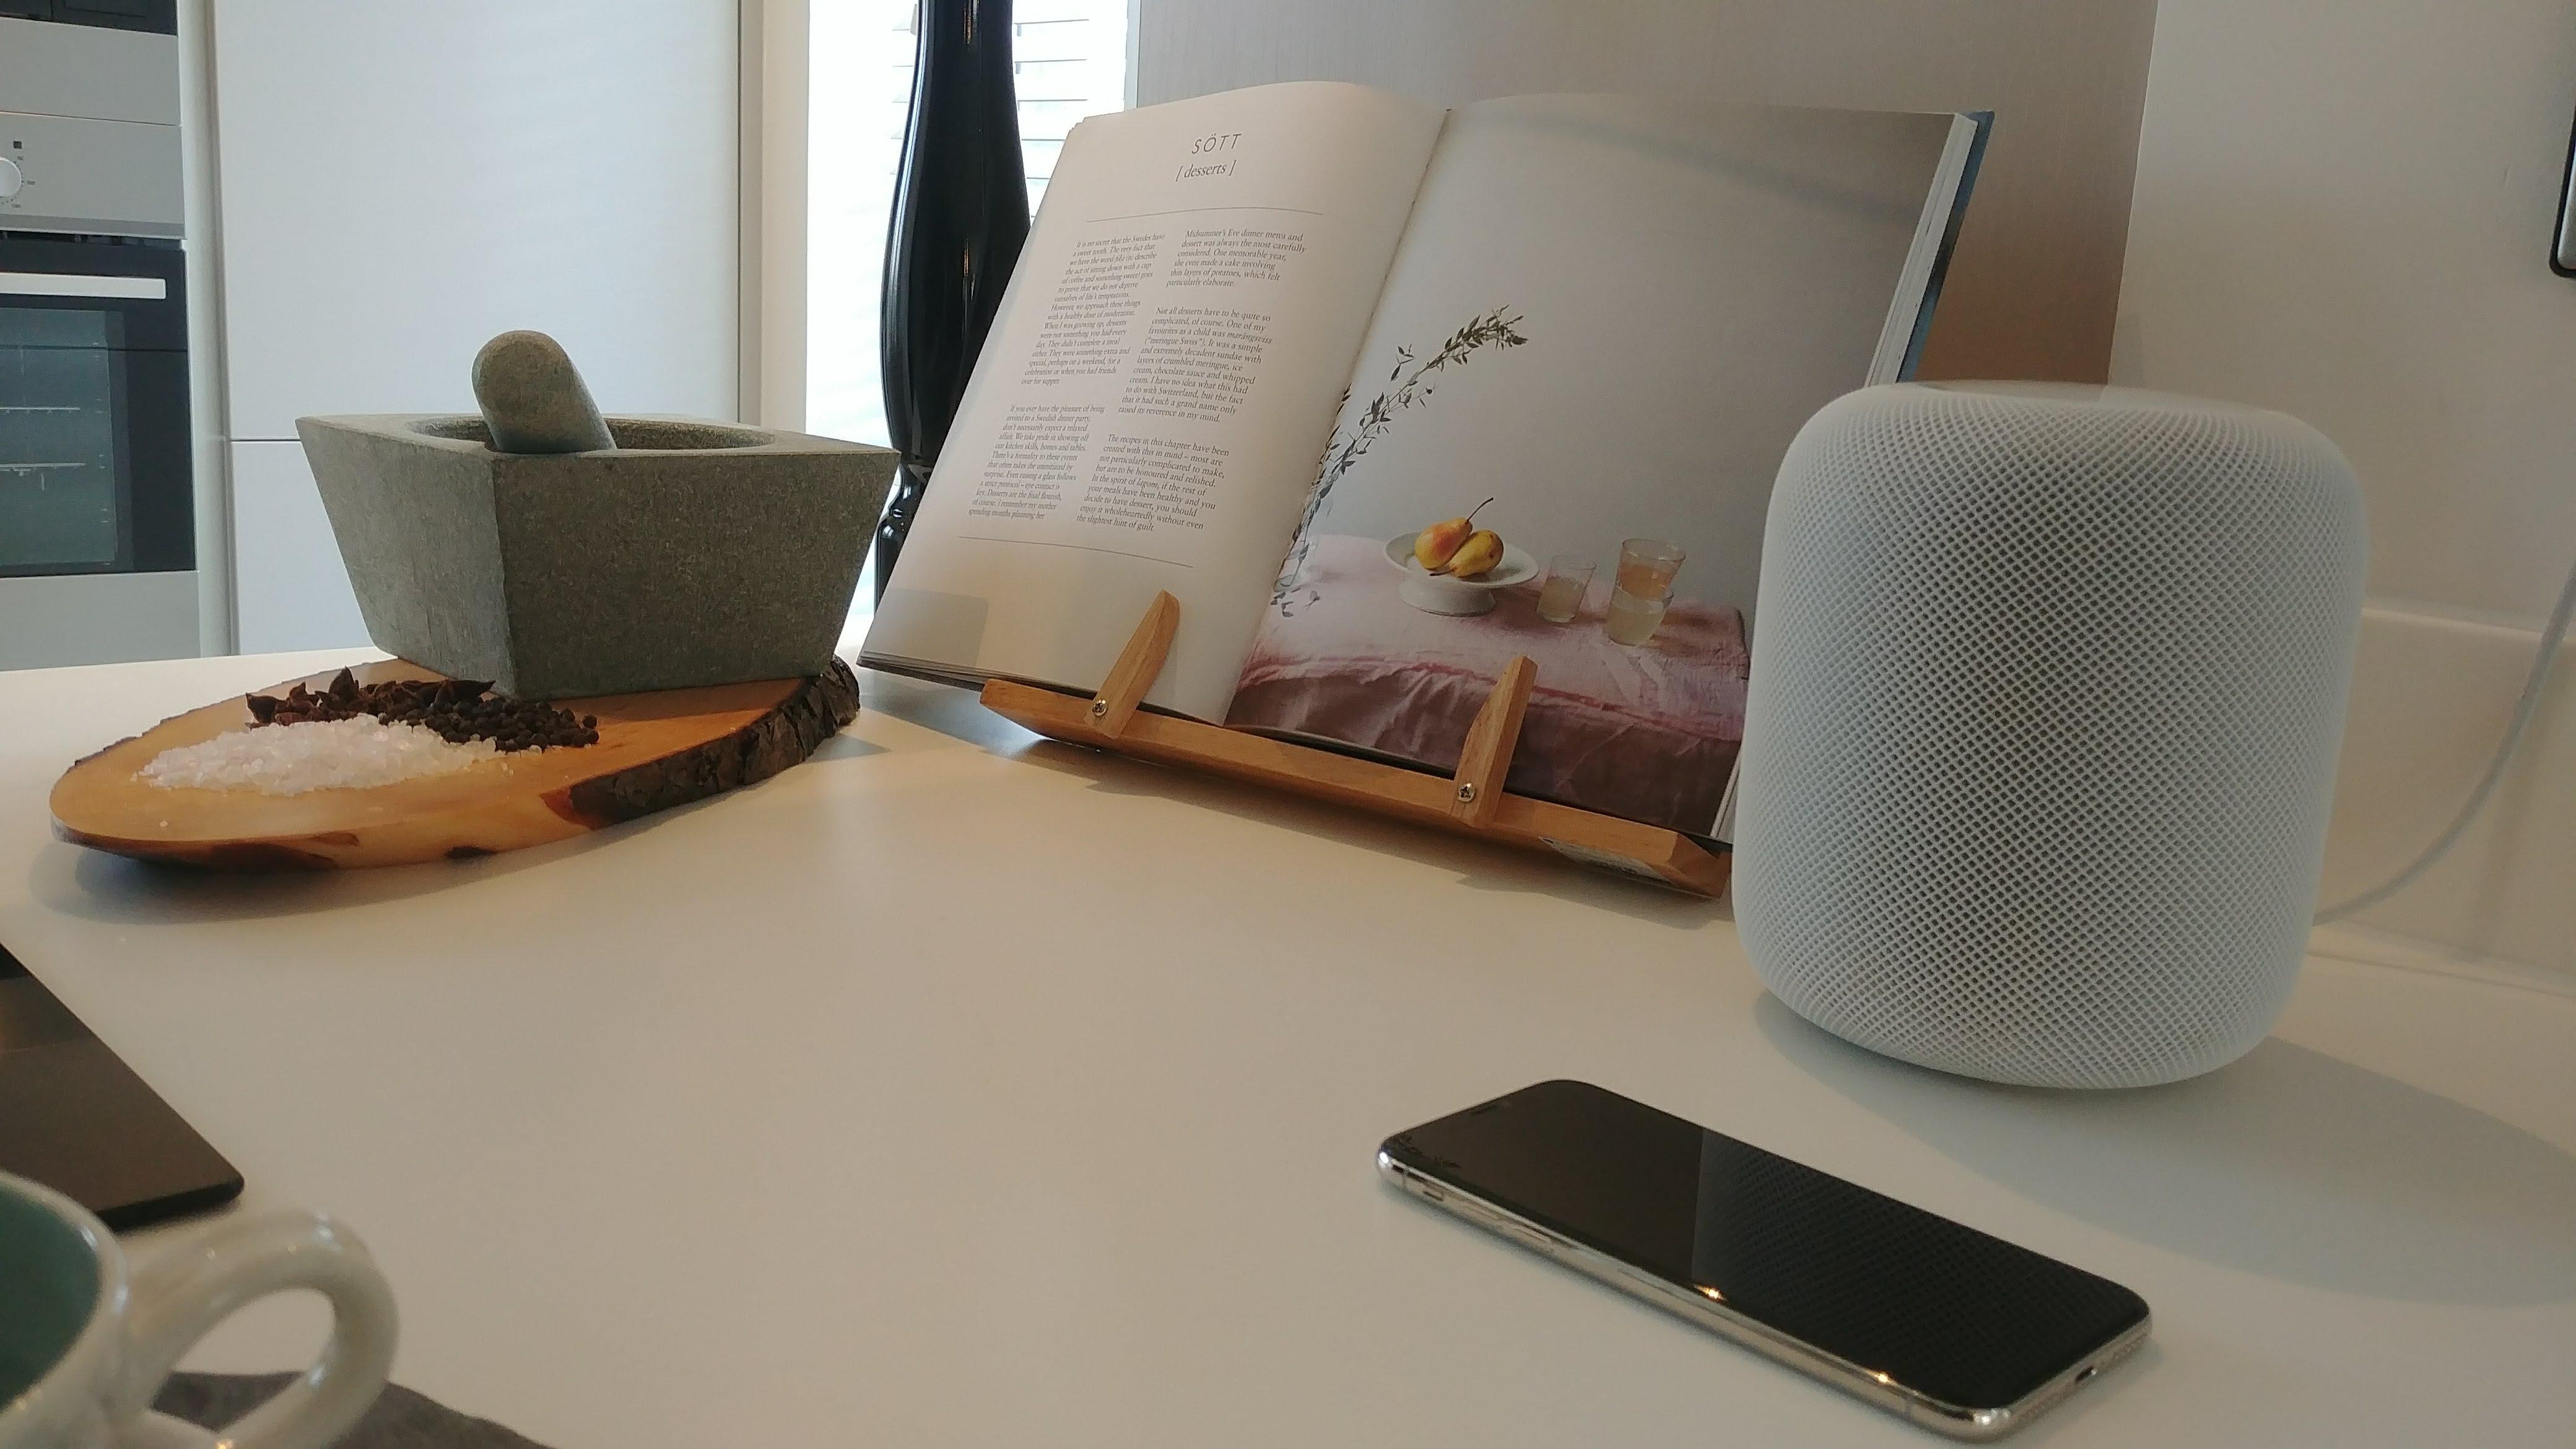 La casa que Apple construyó: un recorrido por una casa inteligente HomeKit especialmente diseñada